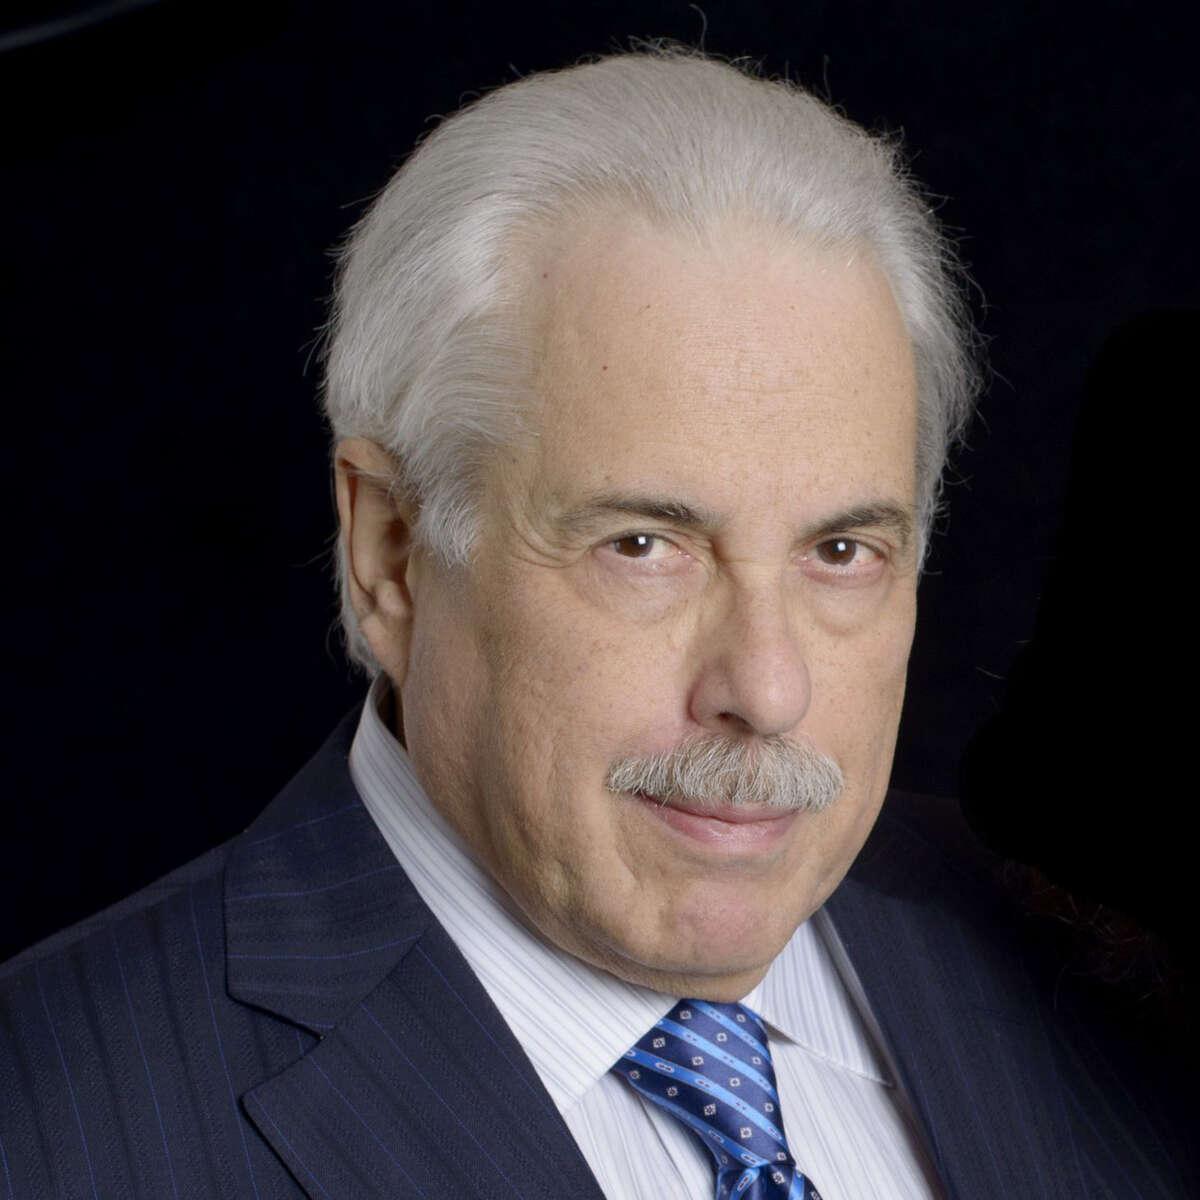 Dr. Alan Garber is a professor of medicine, biochemistry and cell biology at Baylor College of Medicine.